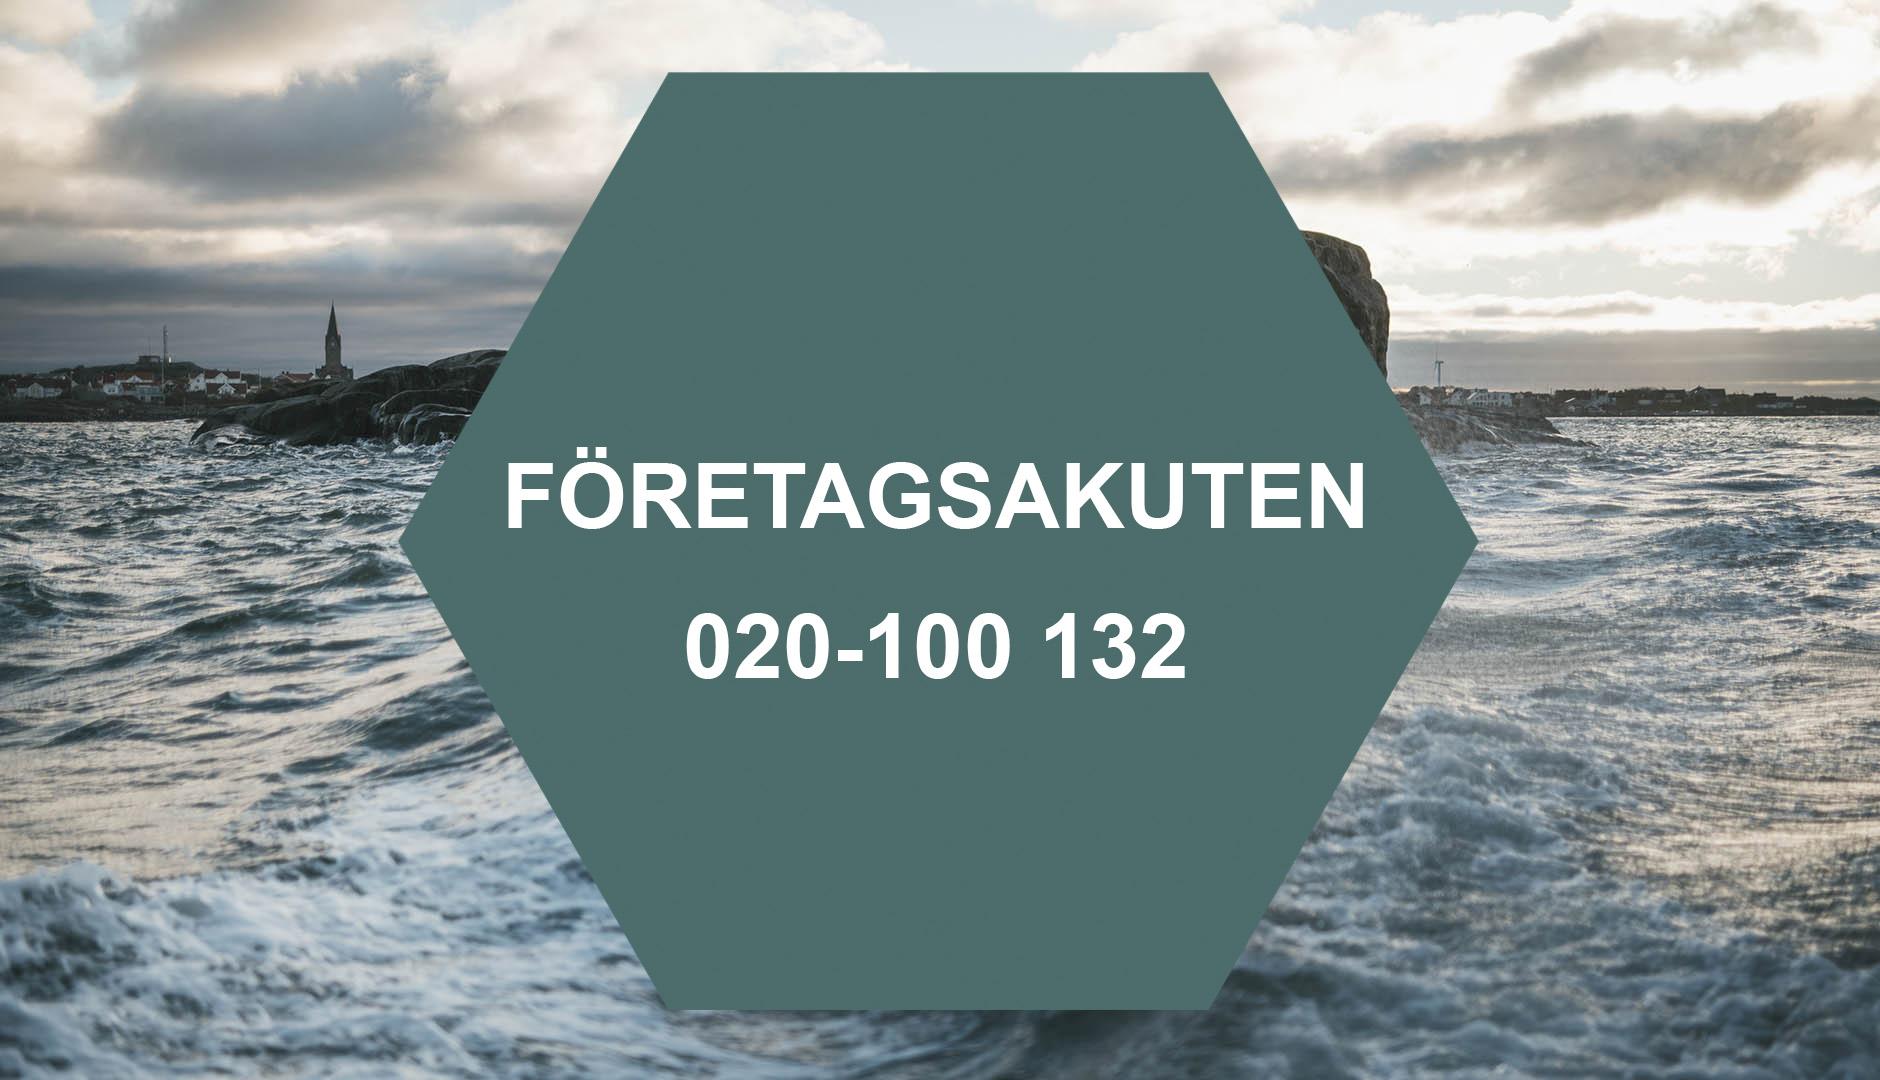 Företagsakuten telefon 020-100 132 i hexagon mot bakgrund av stormigt hav